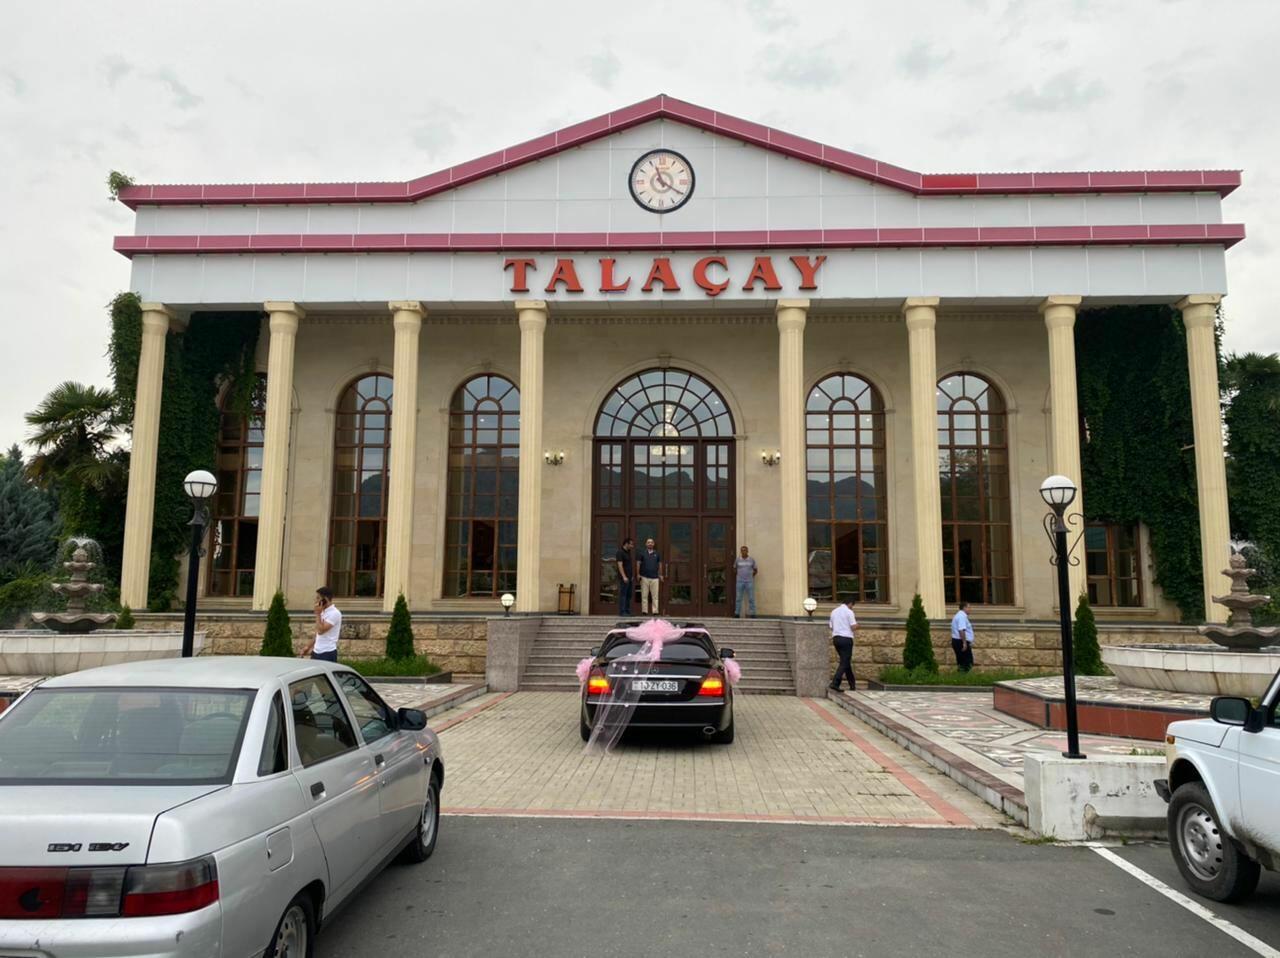 Оштрафован владелец ресторана, нарушивший карантинный режим